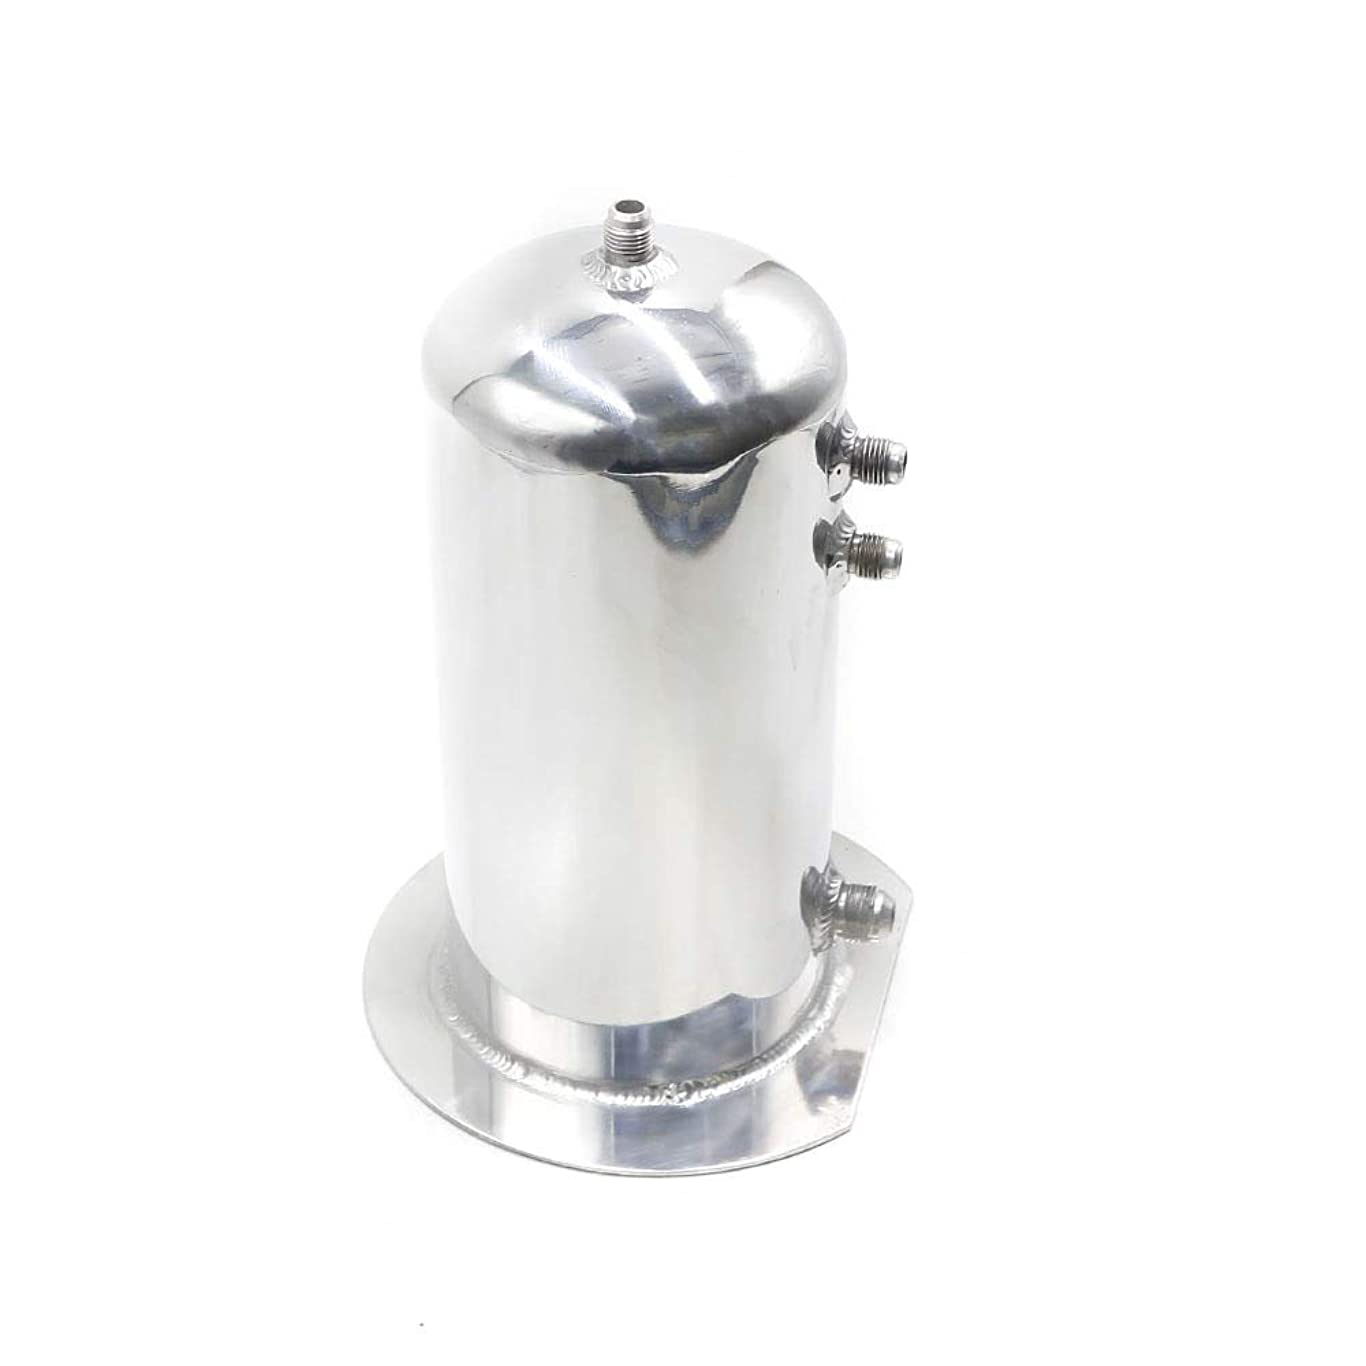 アウトドアカーアクセサリー 普遍的な2.5リットル燃料サージキャッチ缶アルミポリッシュ燃料タンクオイルキャッチタンクレーシングオイルキャッチ缶